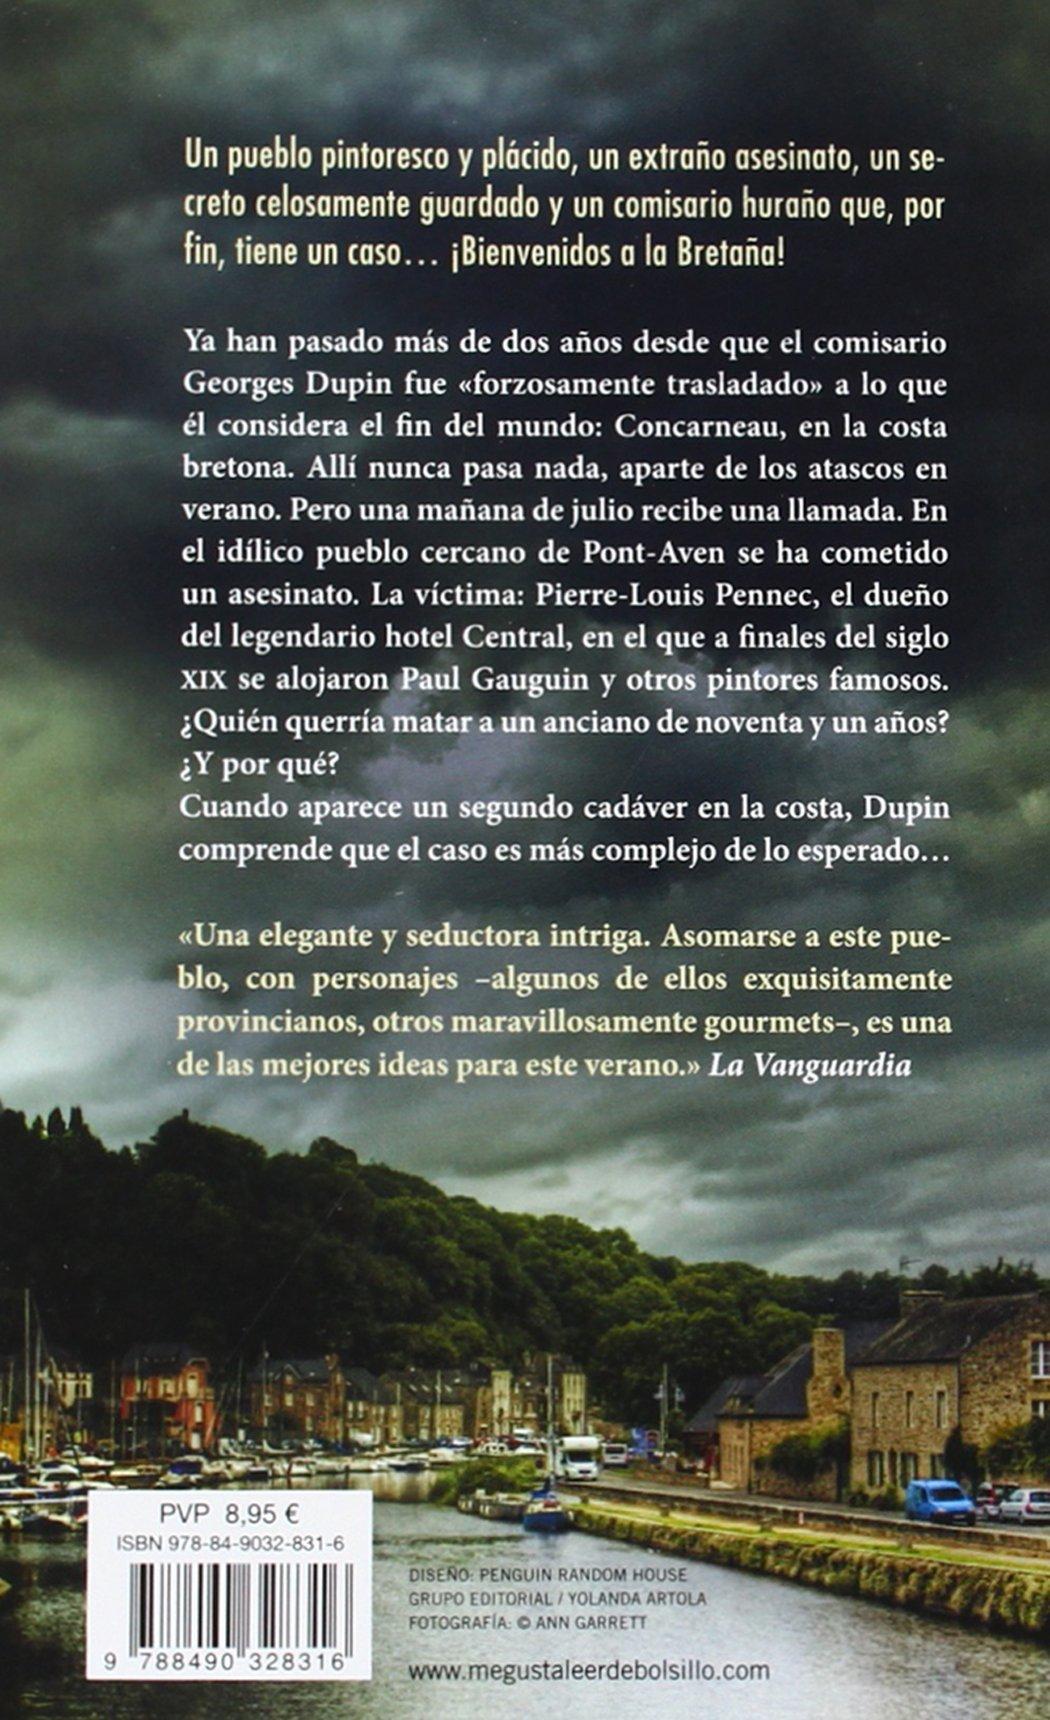 El misterio de Pont-Aven (Comisario Dupin 1): Amazon.es: Jean-Luc Bannalec,  Laura Manero Jiménez;: Libros